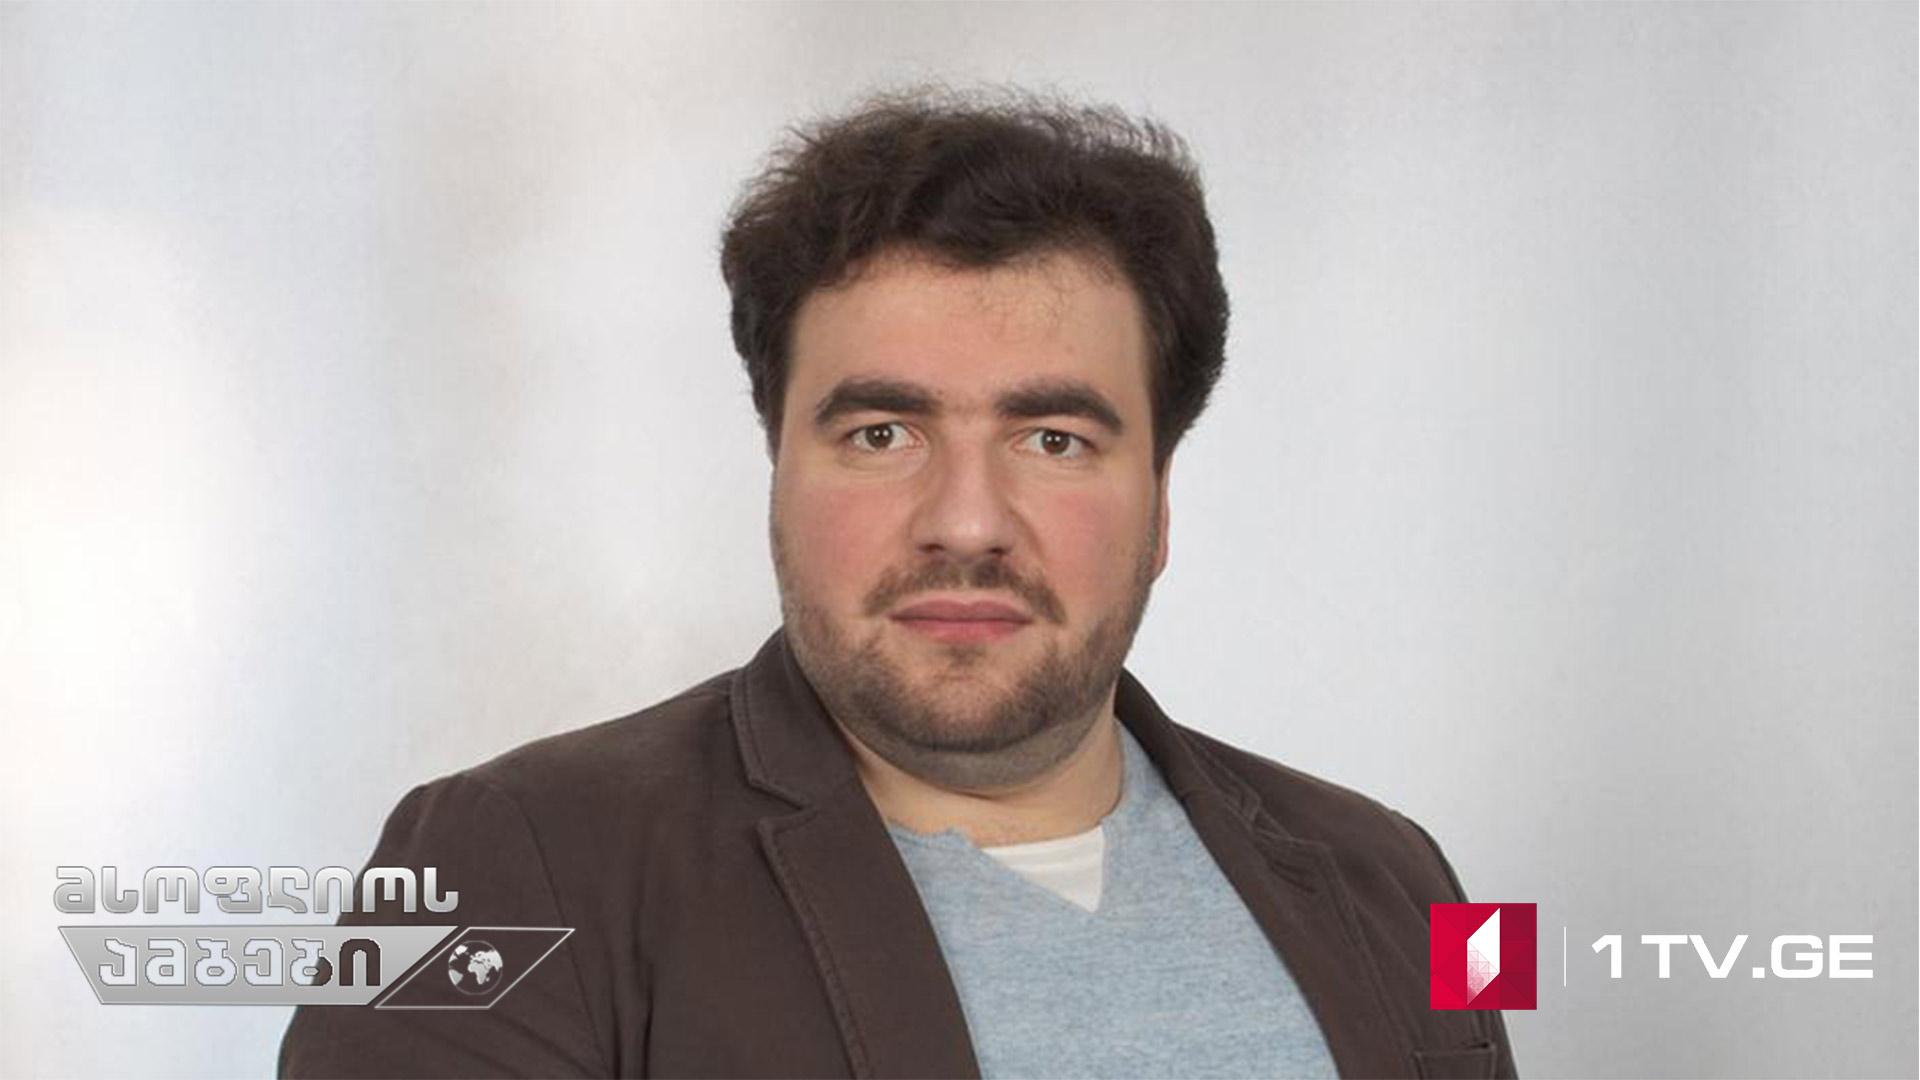 ივან პრეობრაჟენსკი - საქართველოსთვის თურქეთთან დიპლომატიური ურთიერთობების გააქტიურება სტრატეგიულად სასურველია